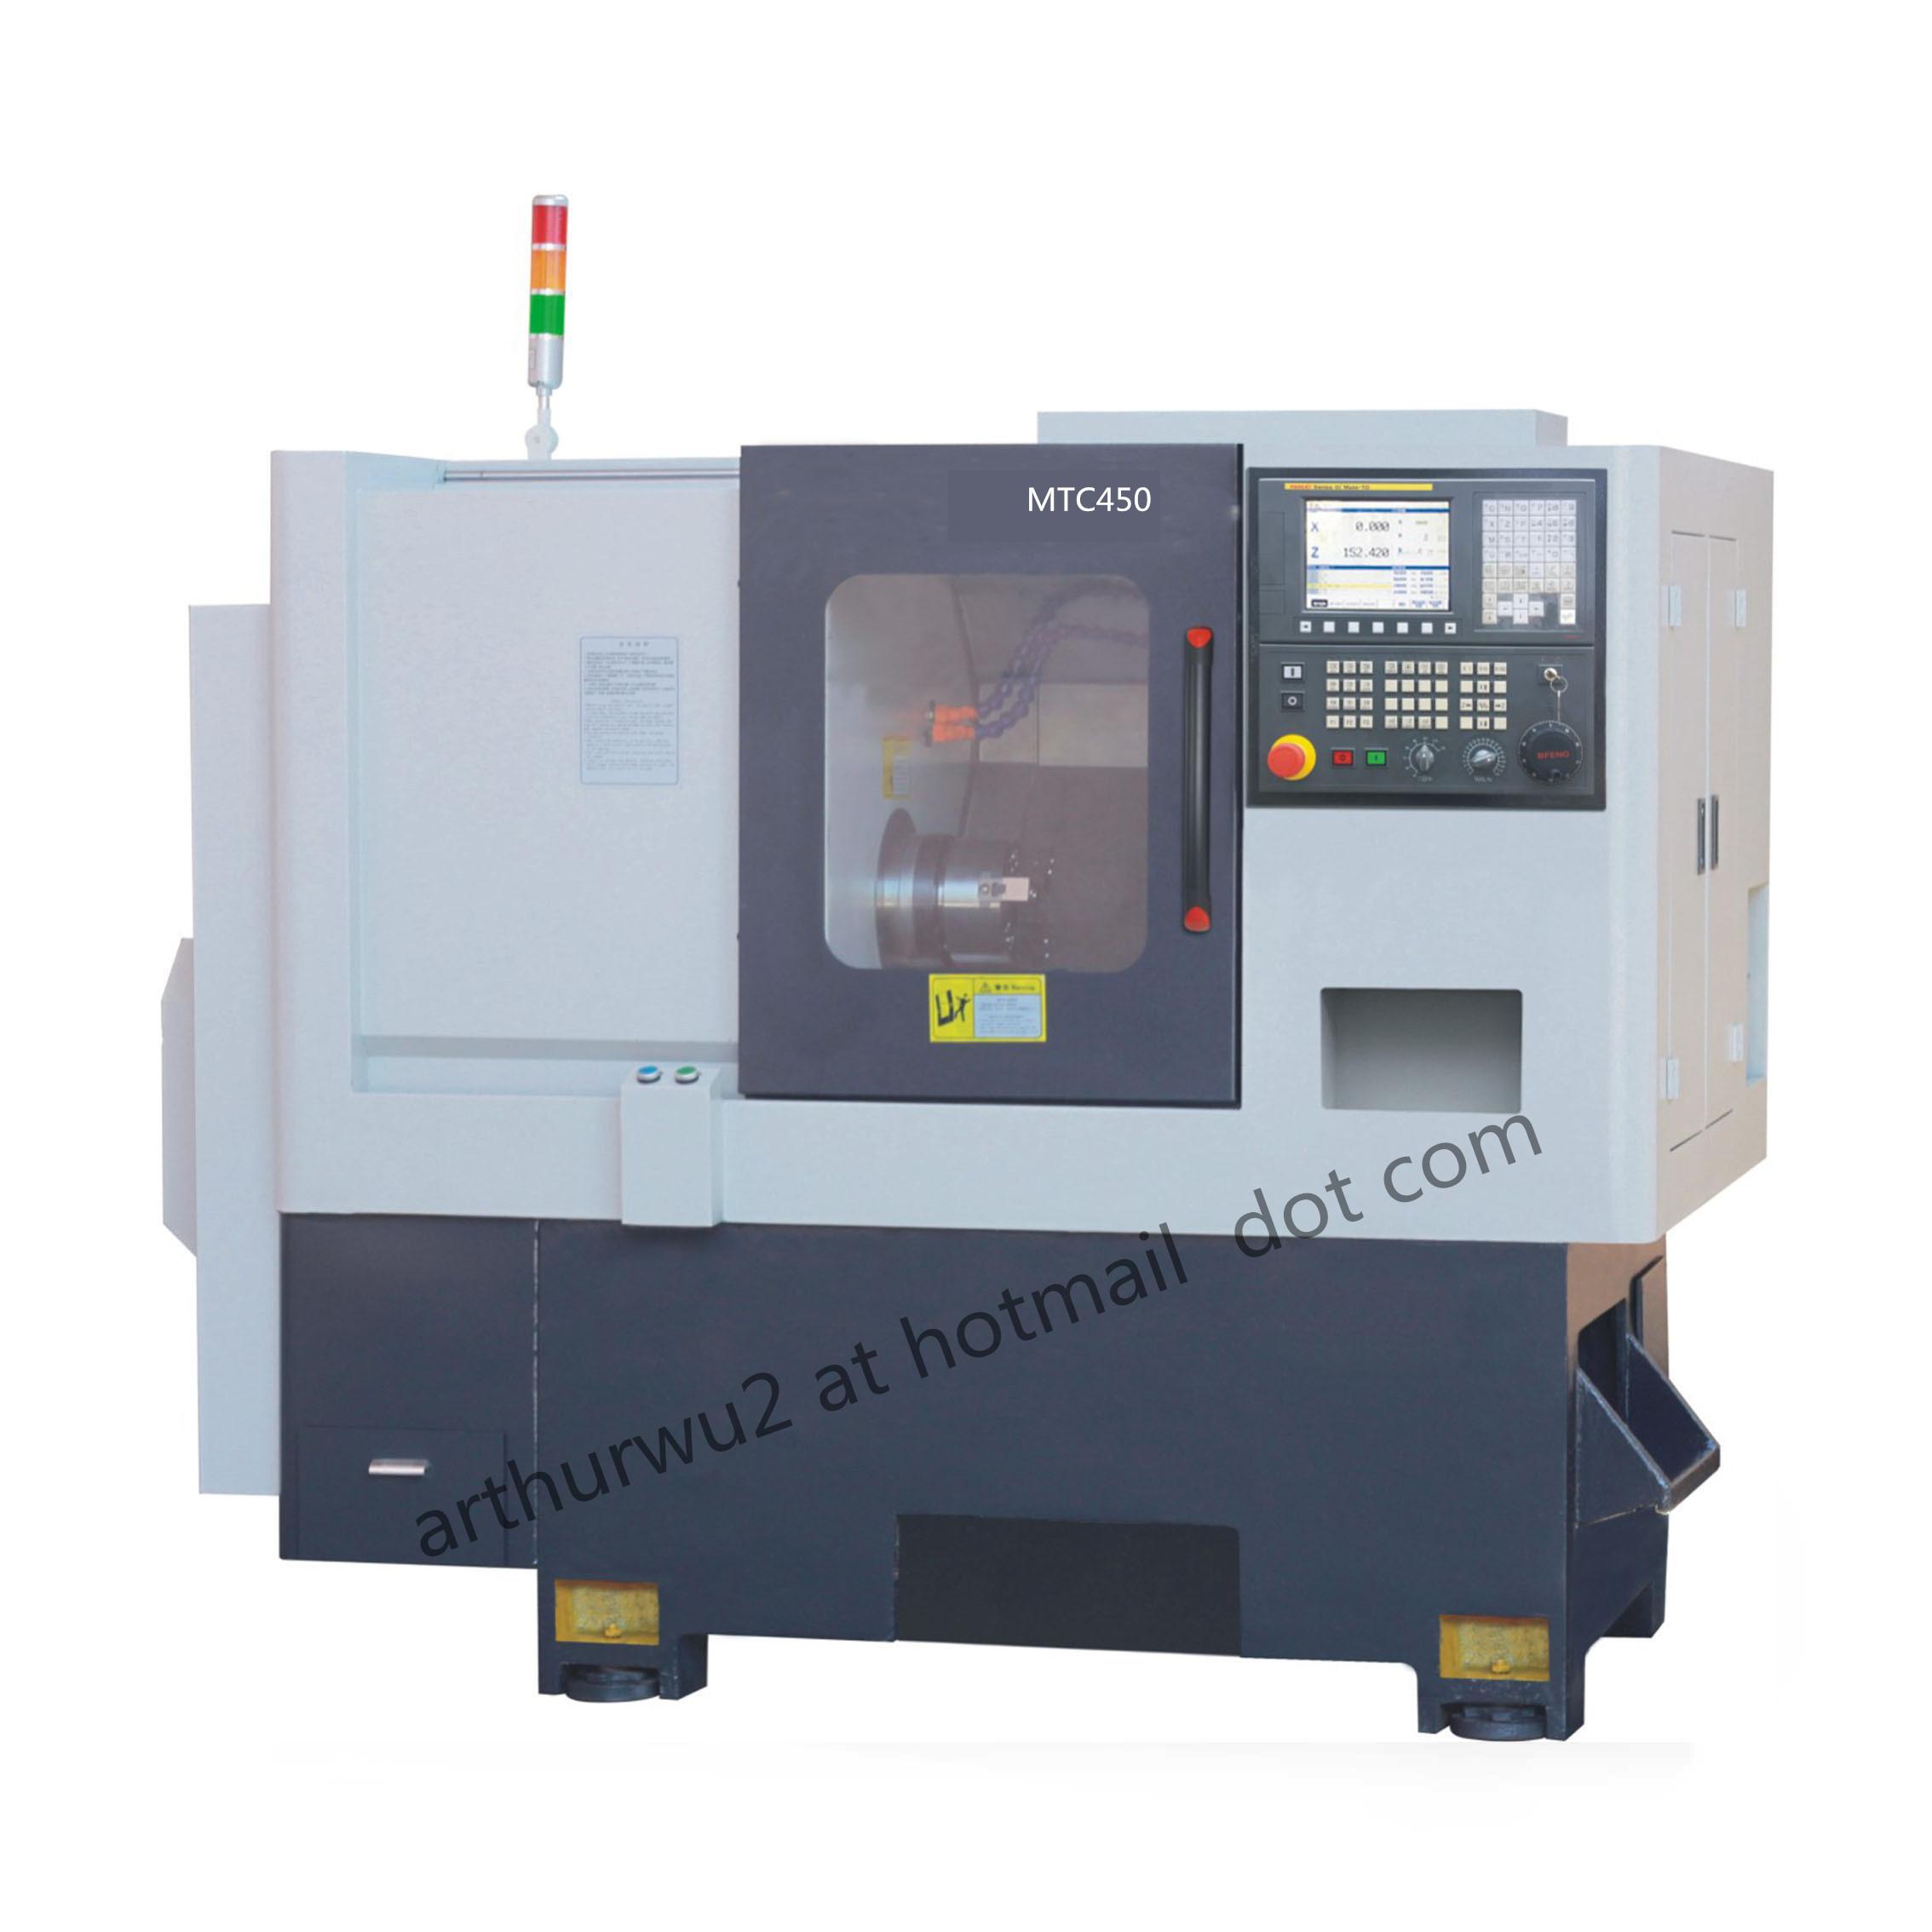 MTC450 CNC Lathe Machine